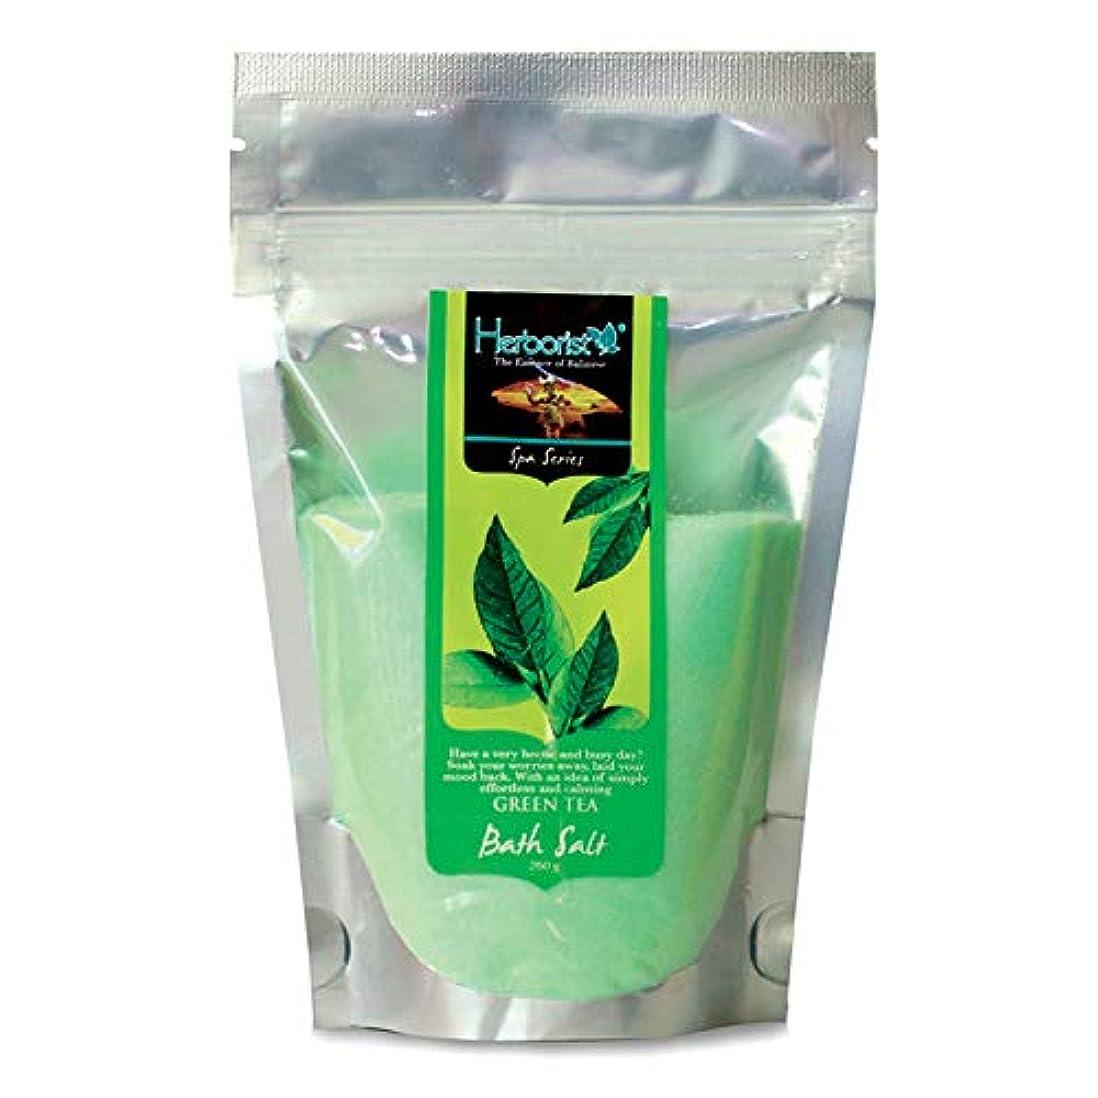 みすぼらしい法律により願うHerborist ハーボリスト Bath Salt バスソルト バリ島の香り漂う入浴剤 250g Green Tea グリーンティー [海外直送品]